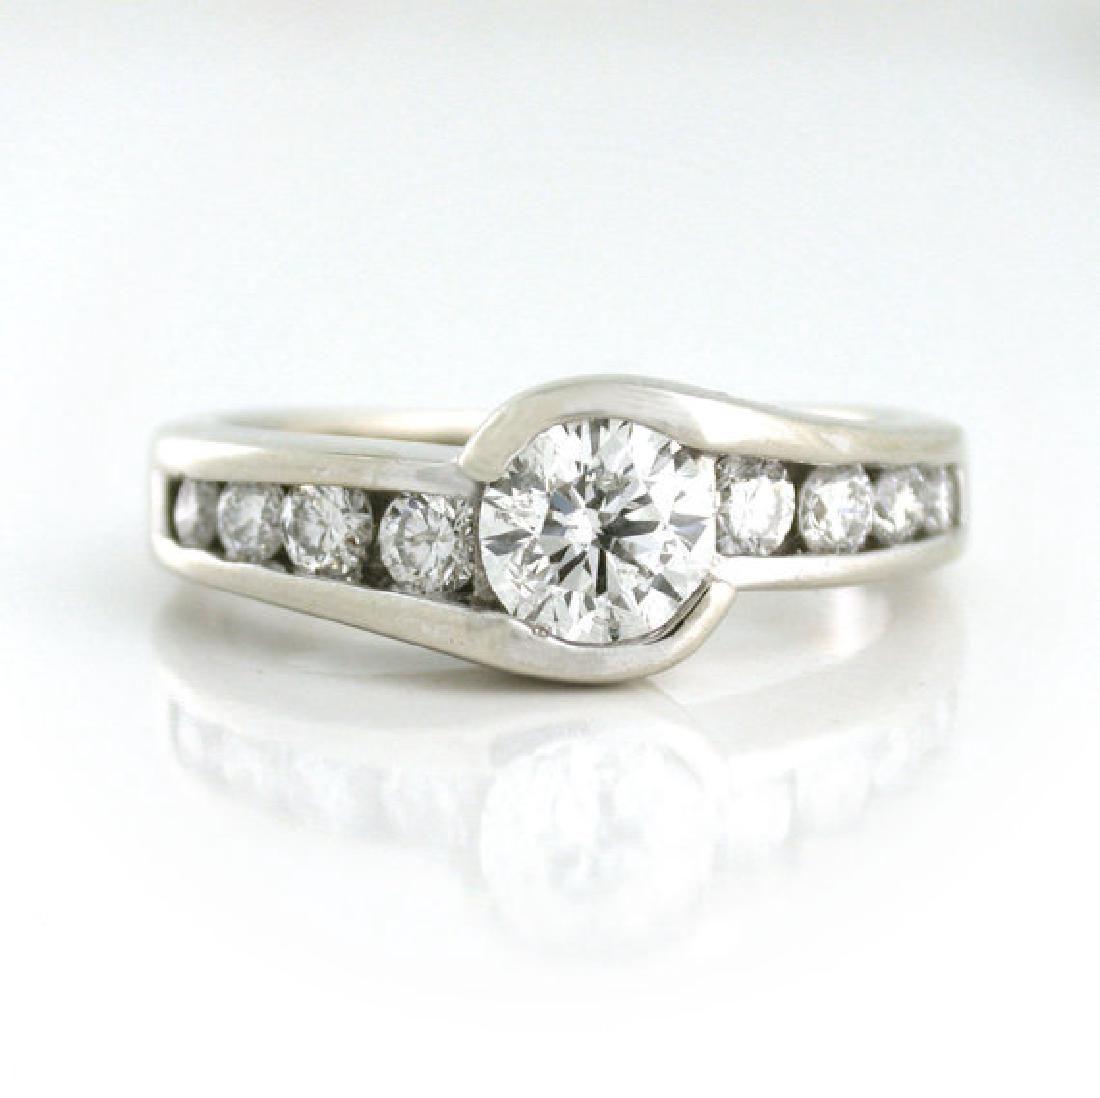 Vintage 14K White Gold Designer Bezel Set Diamond Ring